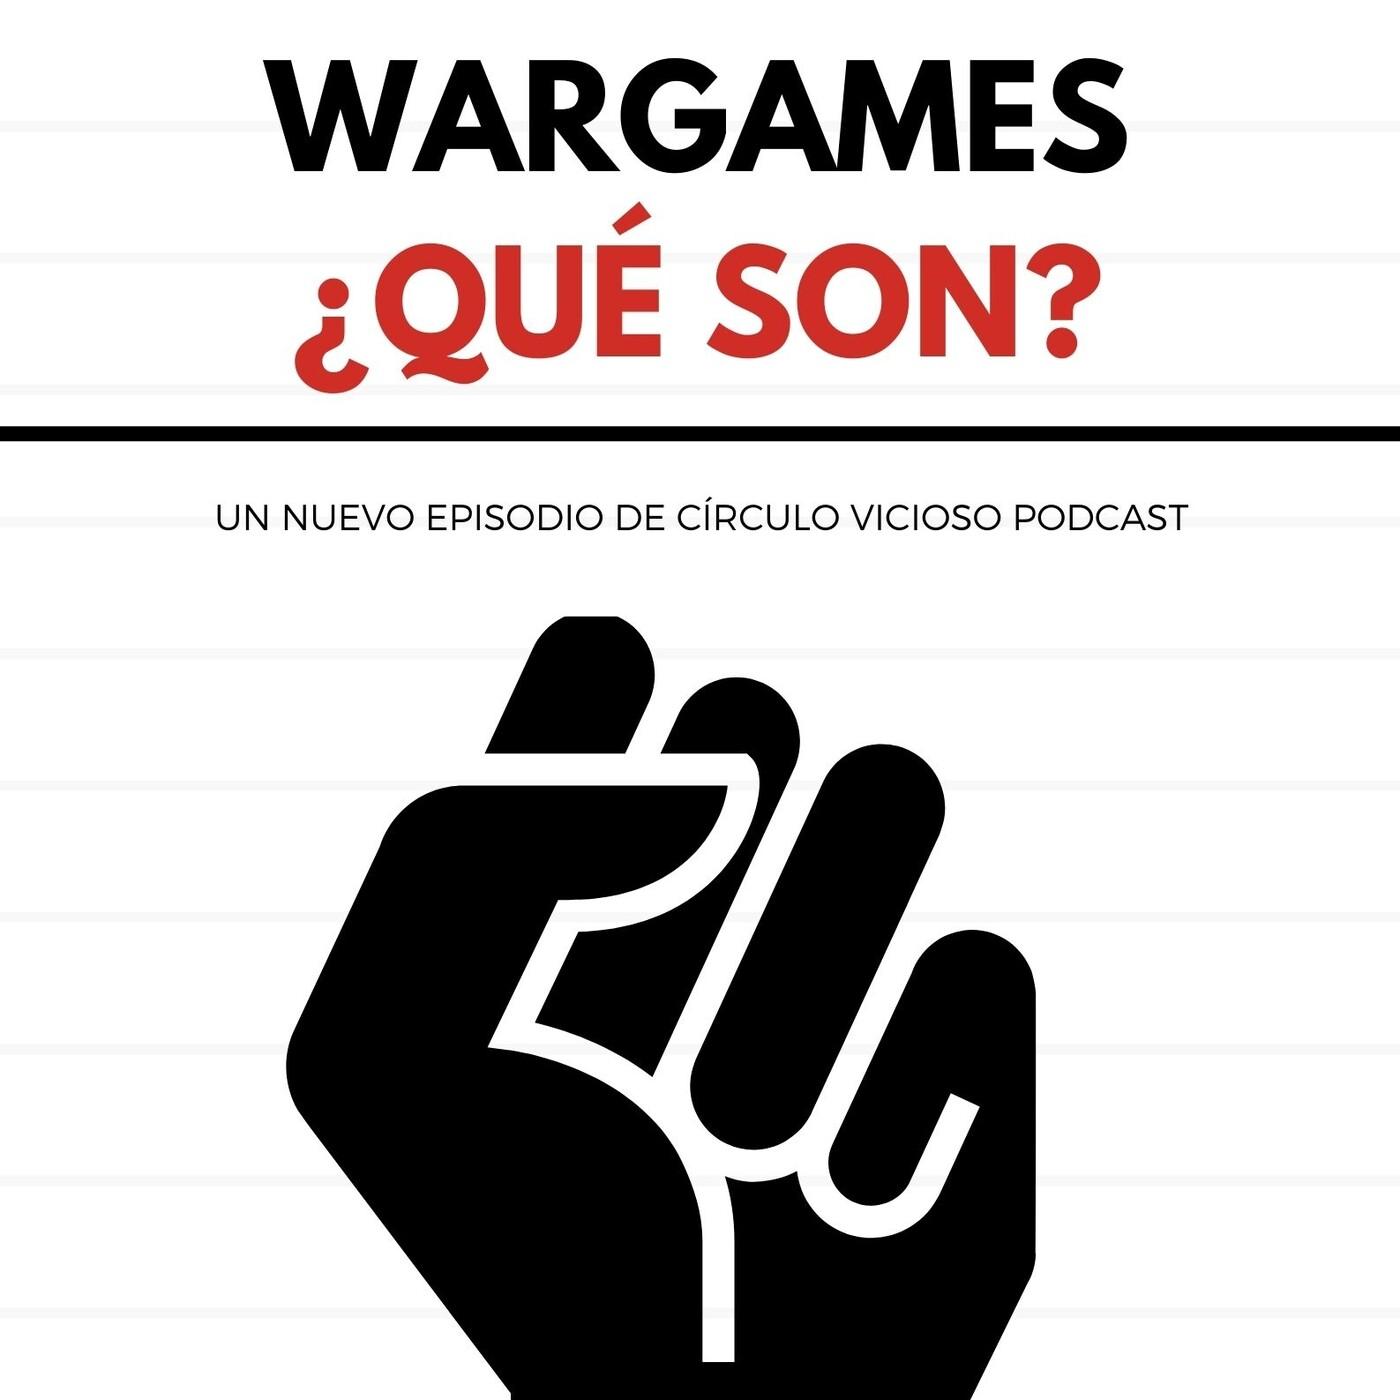 Descripción de T1/E18. Wargames ¿Qué son?